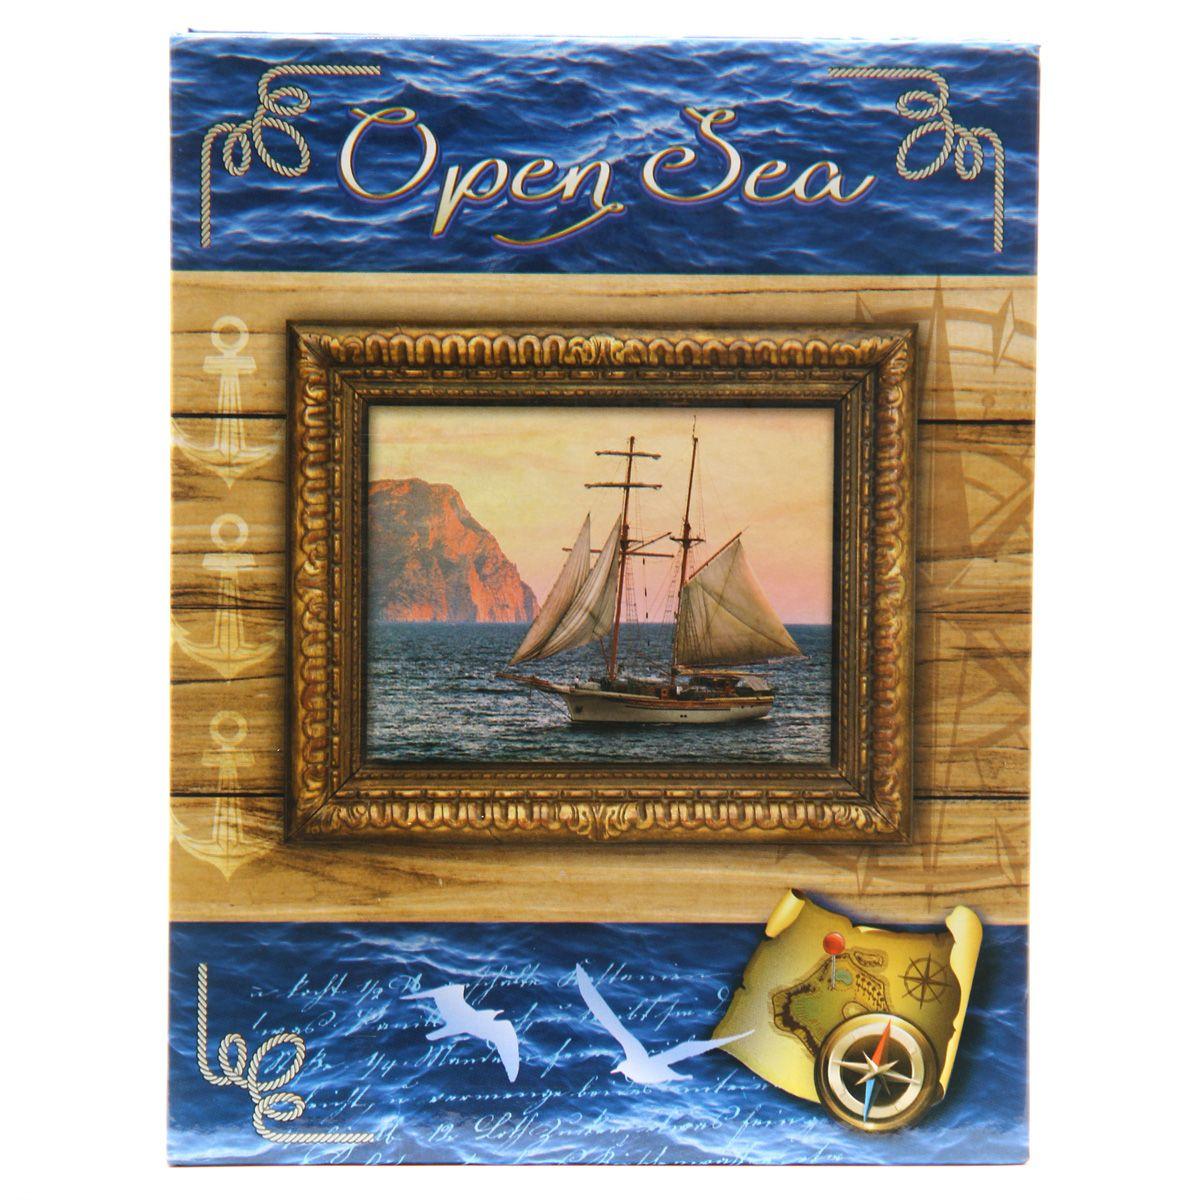 Фотоальбом Pioneer Open Sea, 100 фотографий, цвет: синий, 10 х 15 смТР 5127Альбом для фотографий формата 10х15 см.Тип обложки: ламинированный картон.Тип листов: полипропиленовые.Тип переплета: высокочастотная сварка.Кол-во фотографий: 100.Материалы, использованные в изготовлении альбома, обеспечивают высокое качество хранения Ваших фотографий, поэтому фотографии не желтеют со временем.